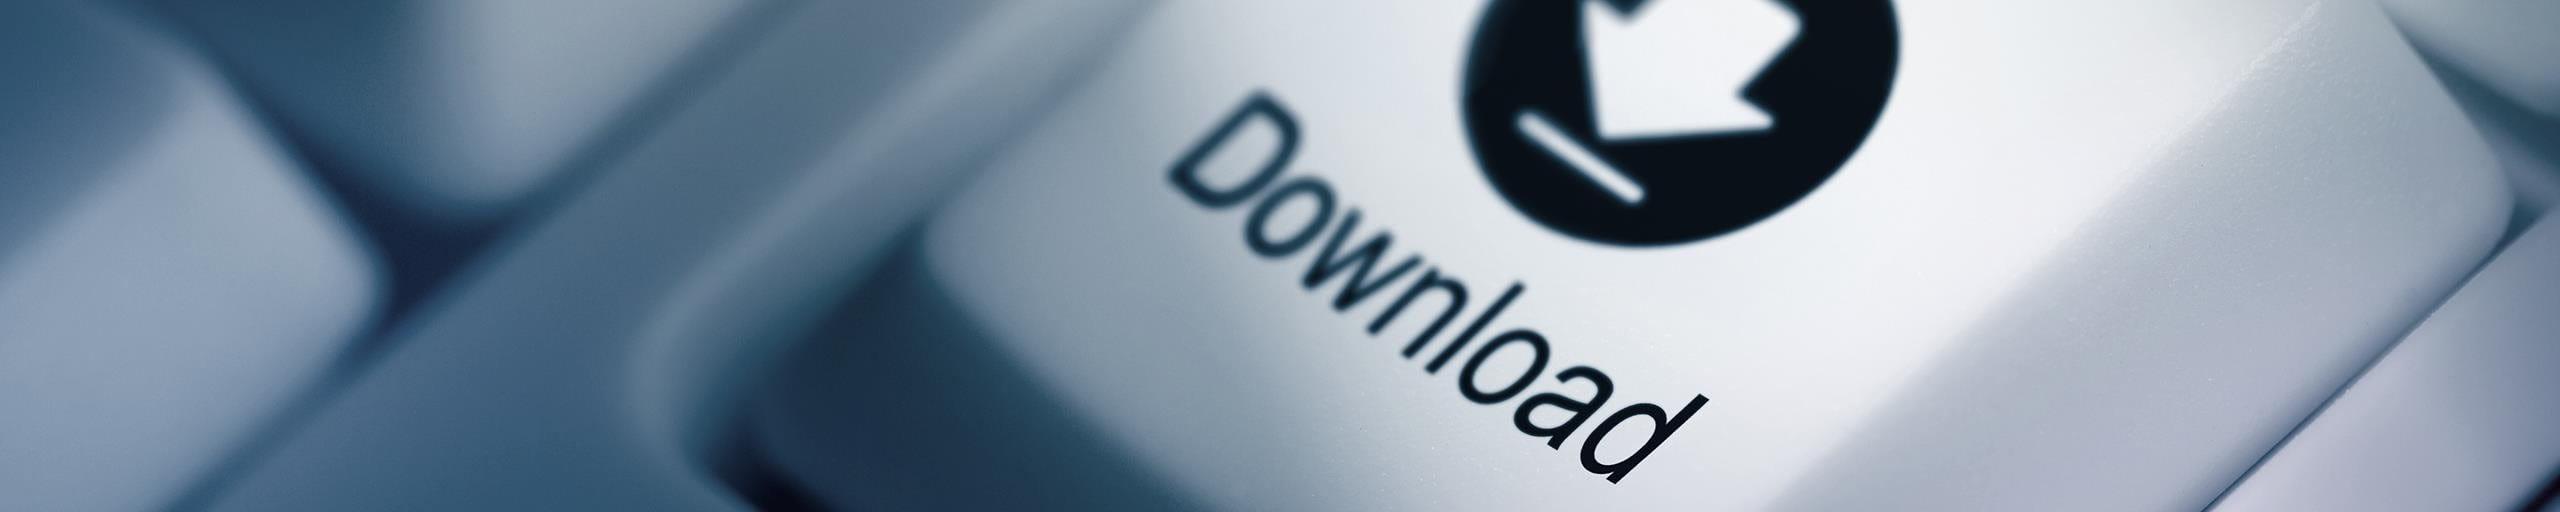 Eine Computertaste mit dem Wort Download.